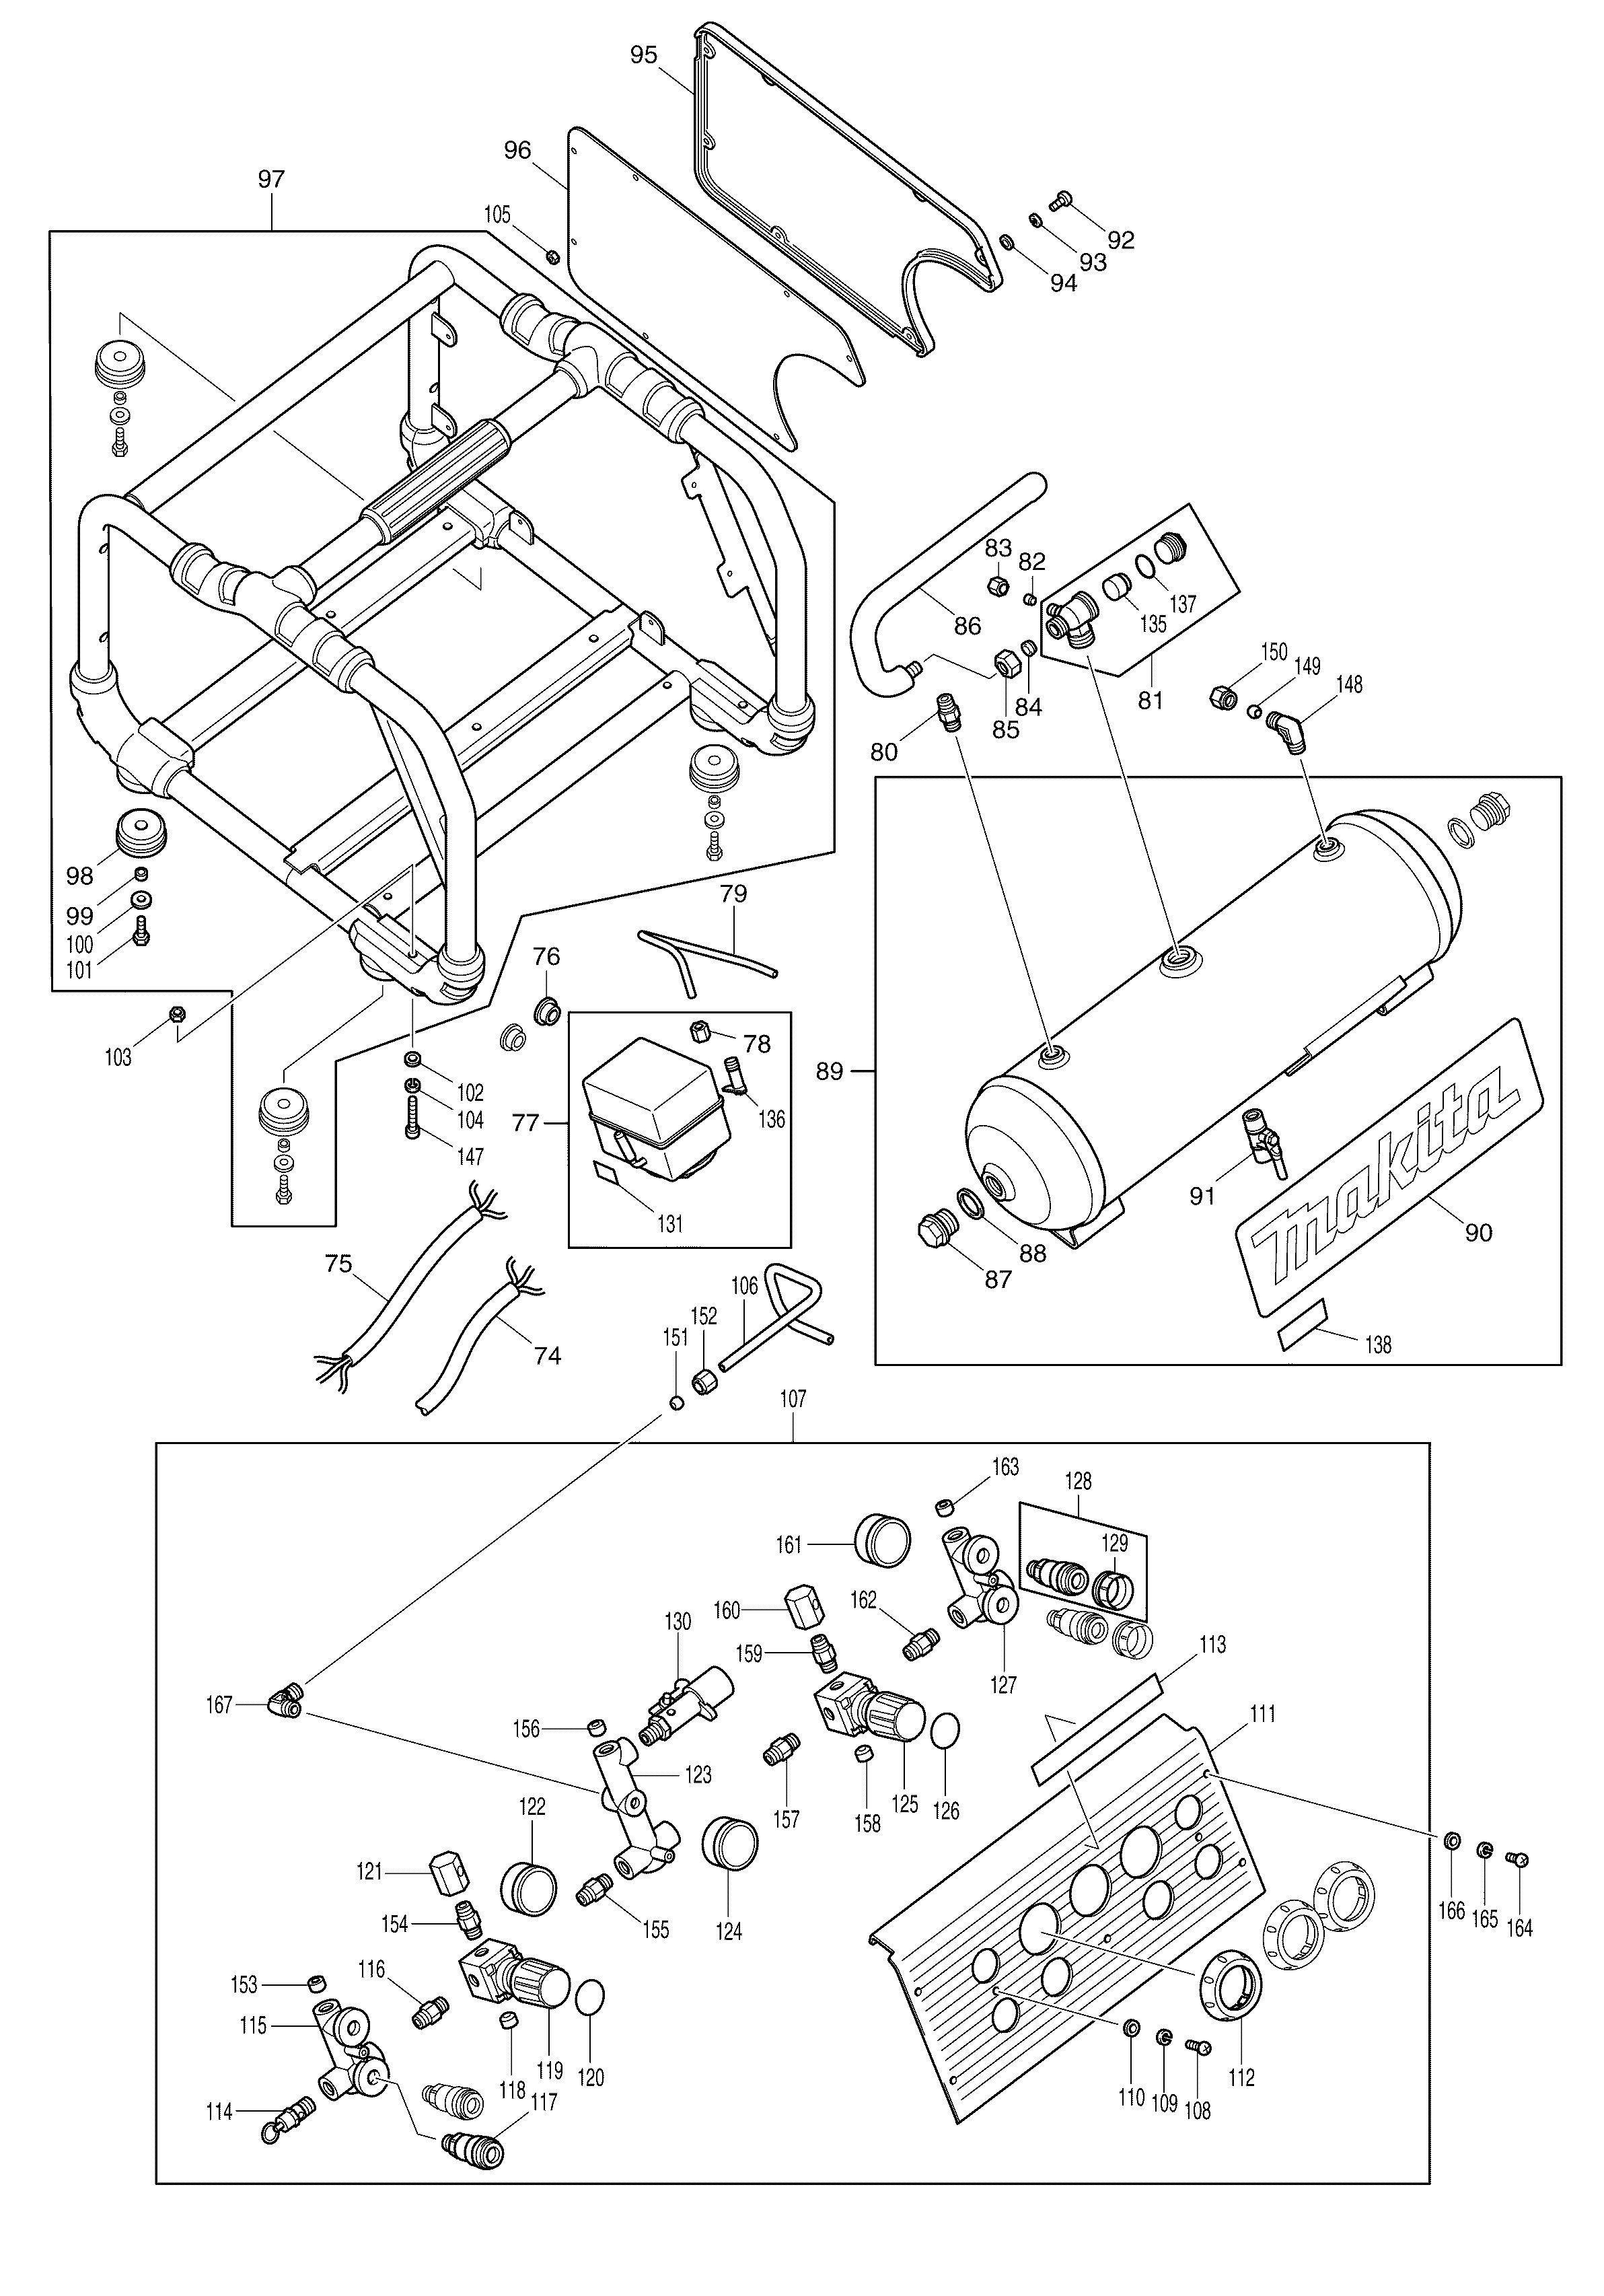 Spares For Makita Ac310h High Pressure Air Compressor 2